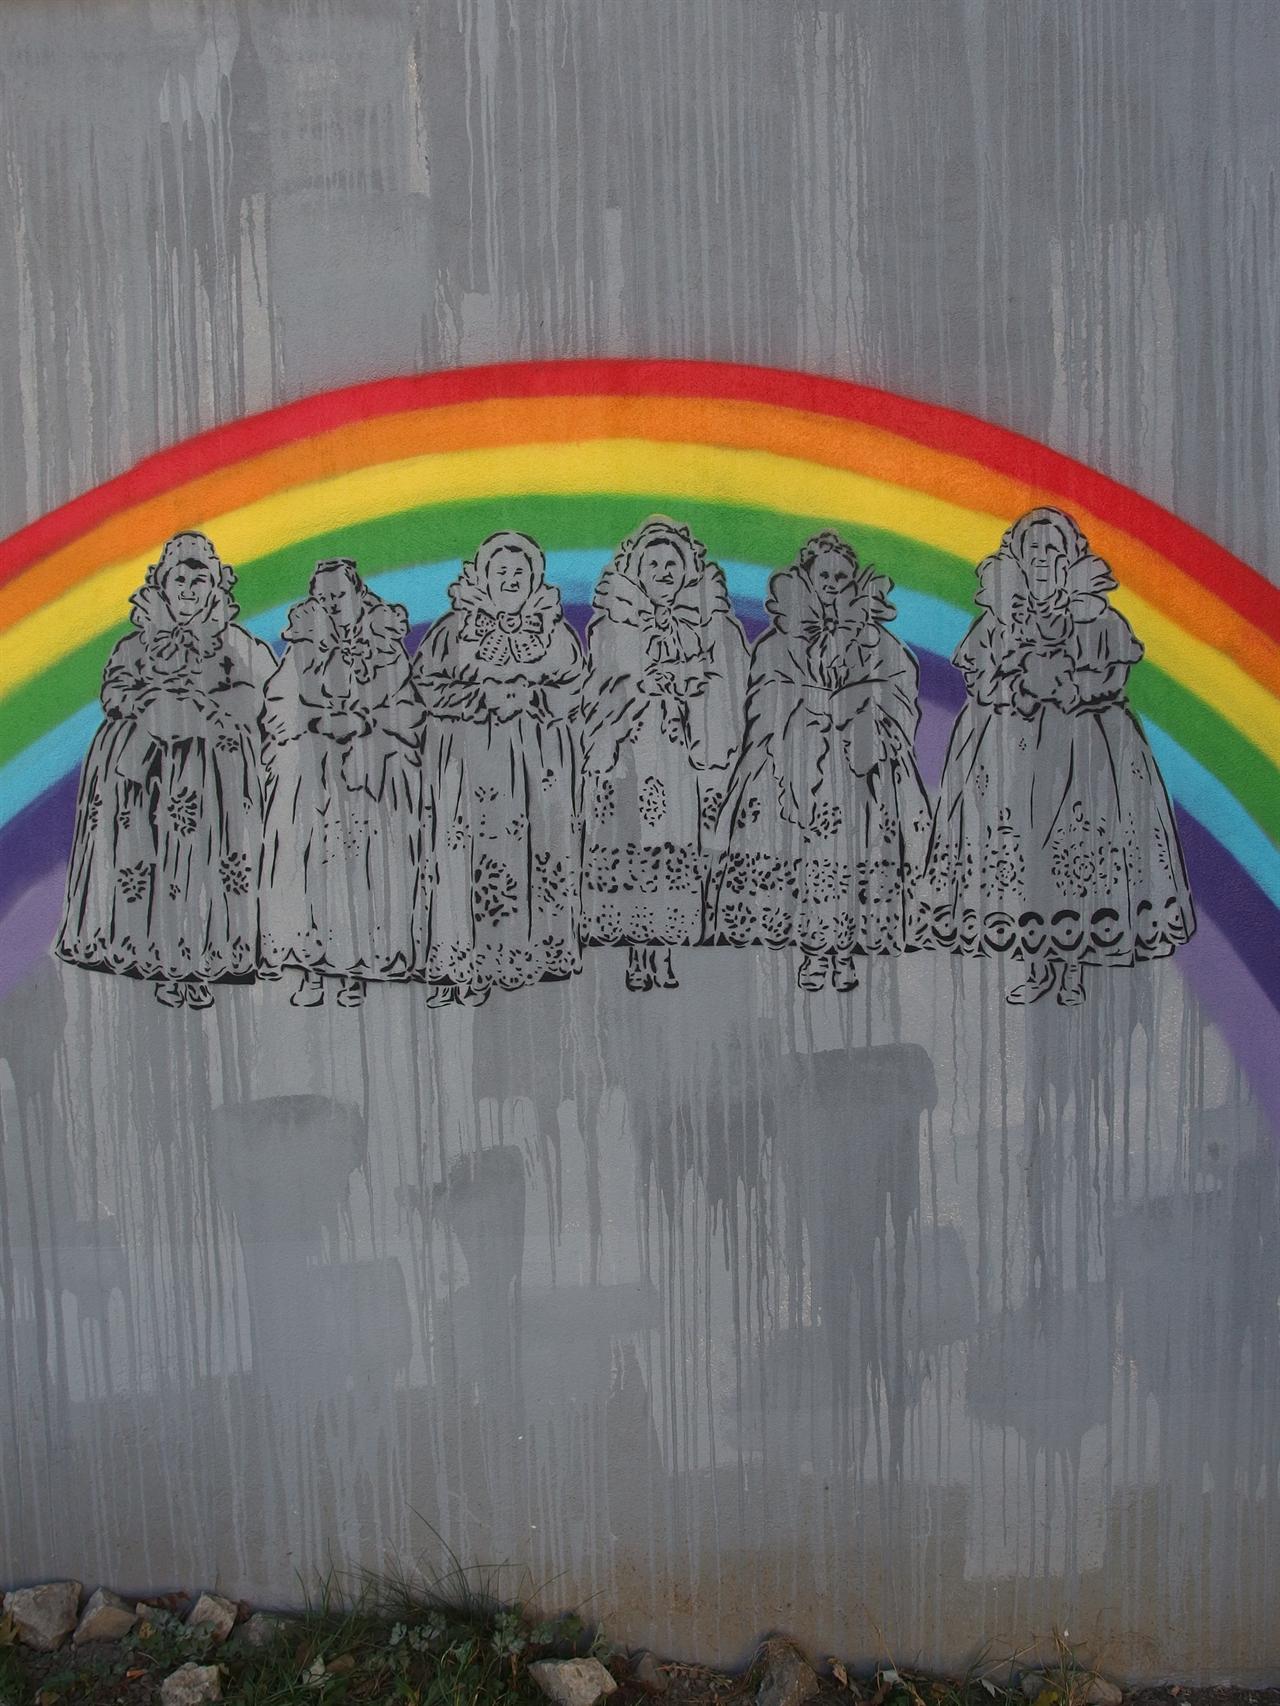 다리우즈(Dariuz)는 이 벽화를 그렸다는 이유로 욕설과 함께 폭행을 당했지만 법원에서는 단순 폭력사건으로 판결했다